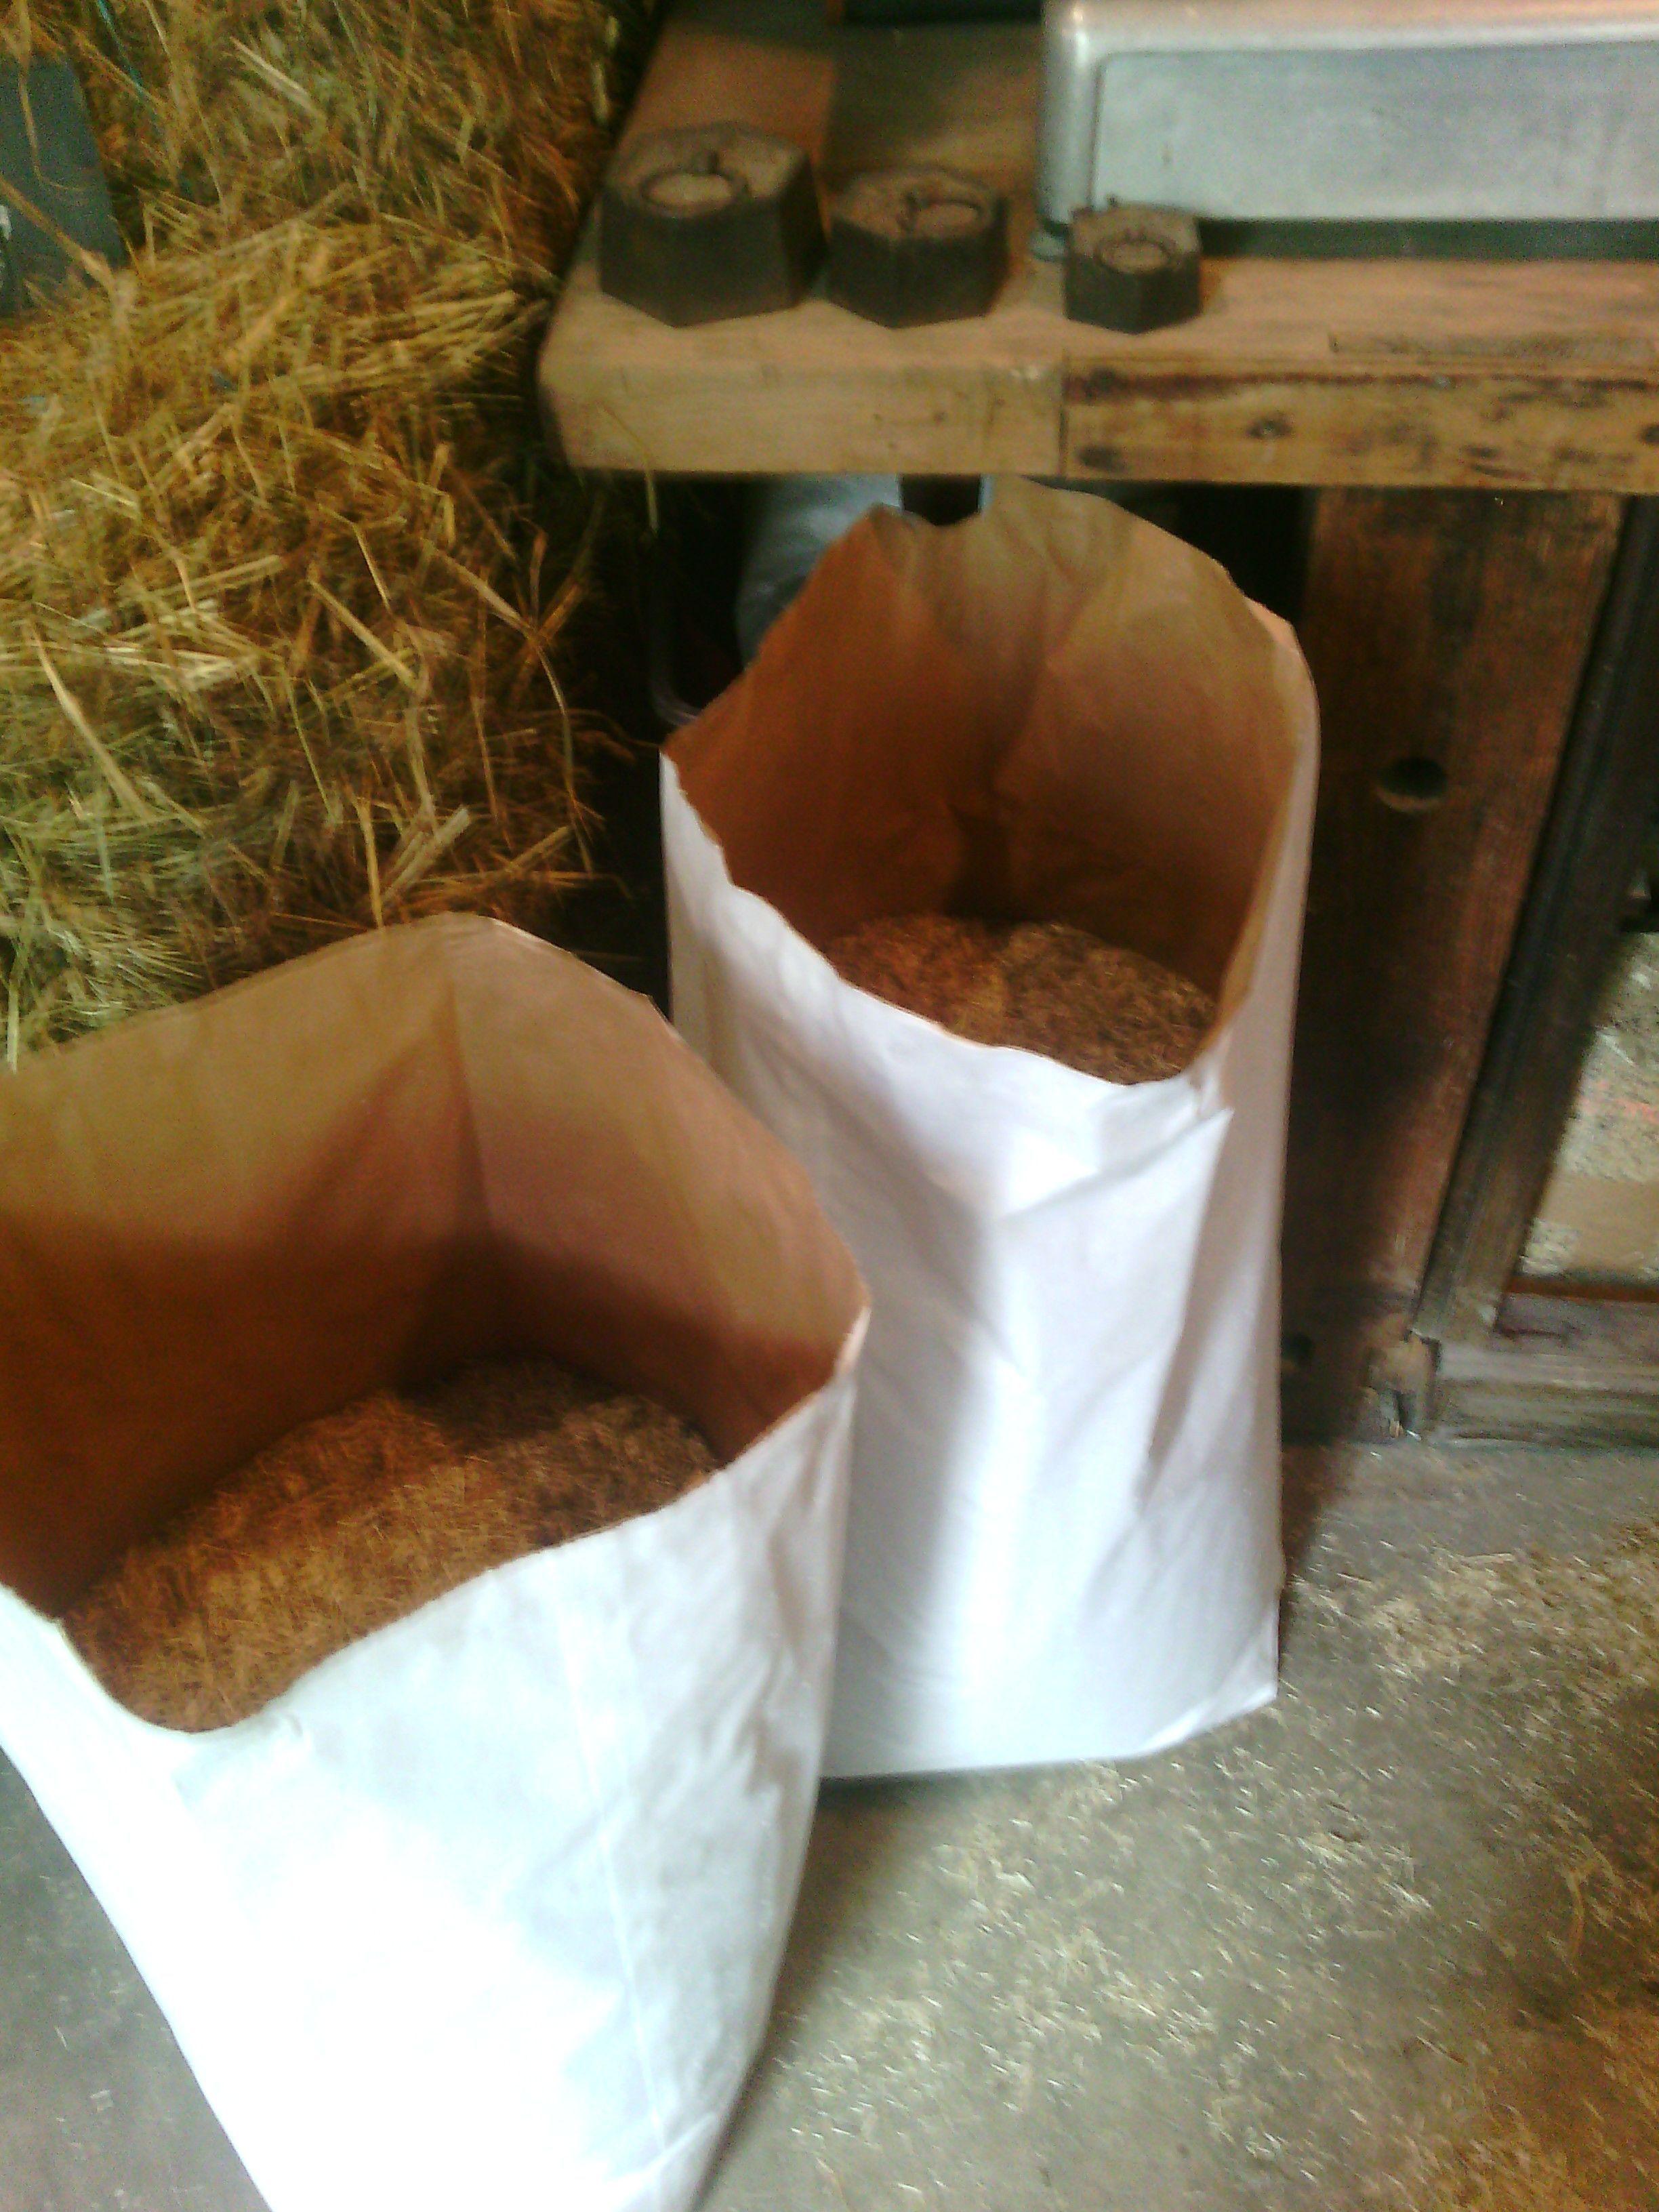 Vente paille foin graines essonne page 5 - Paillis de lin ...